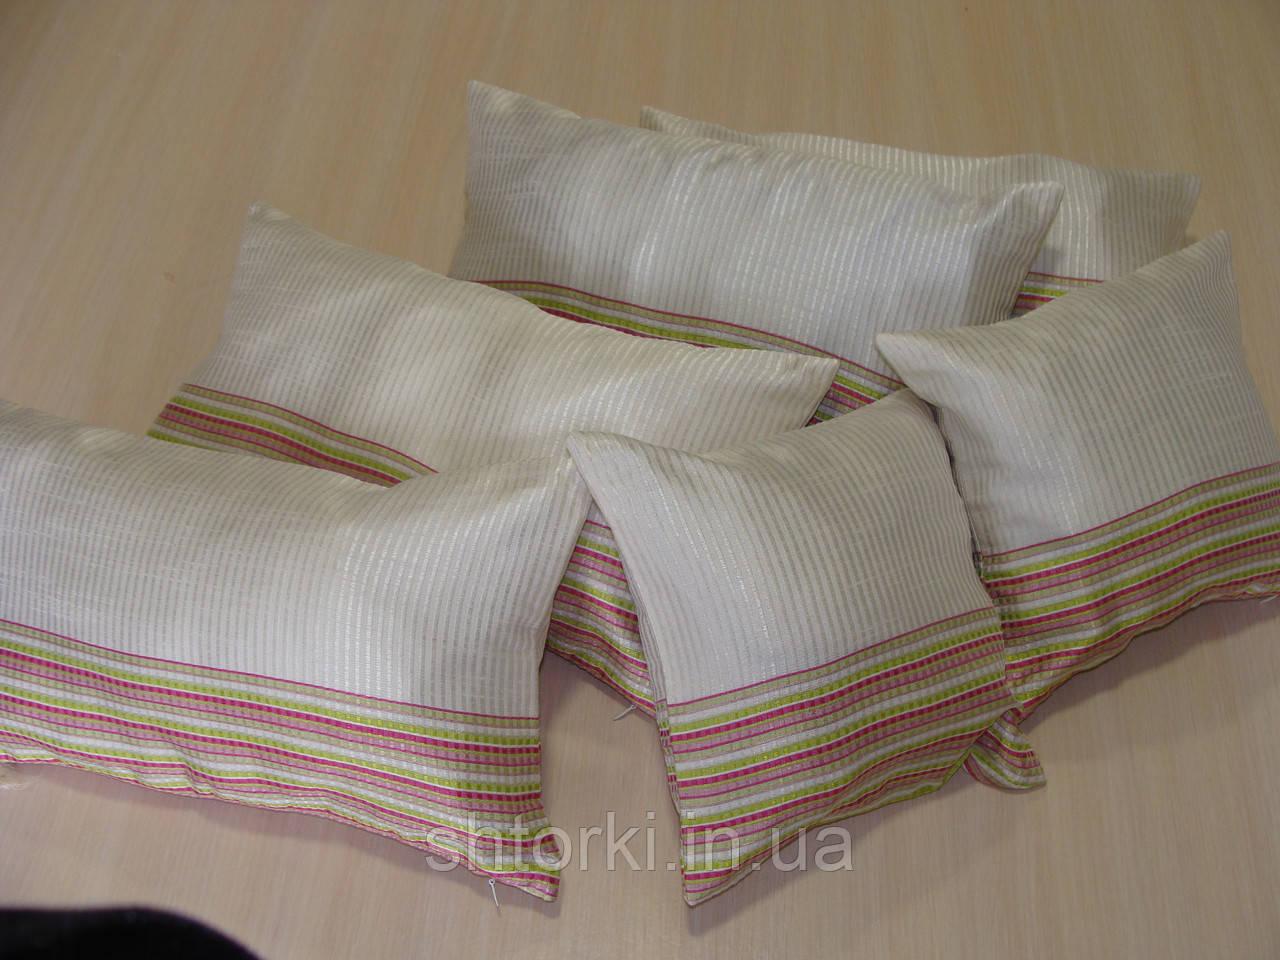 Комплект подушек полоска салатовая 6шт молочные